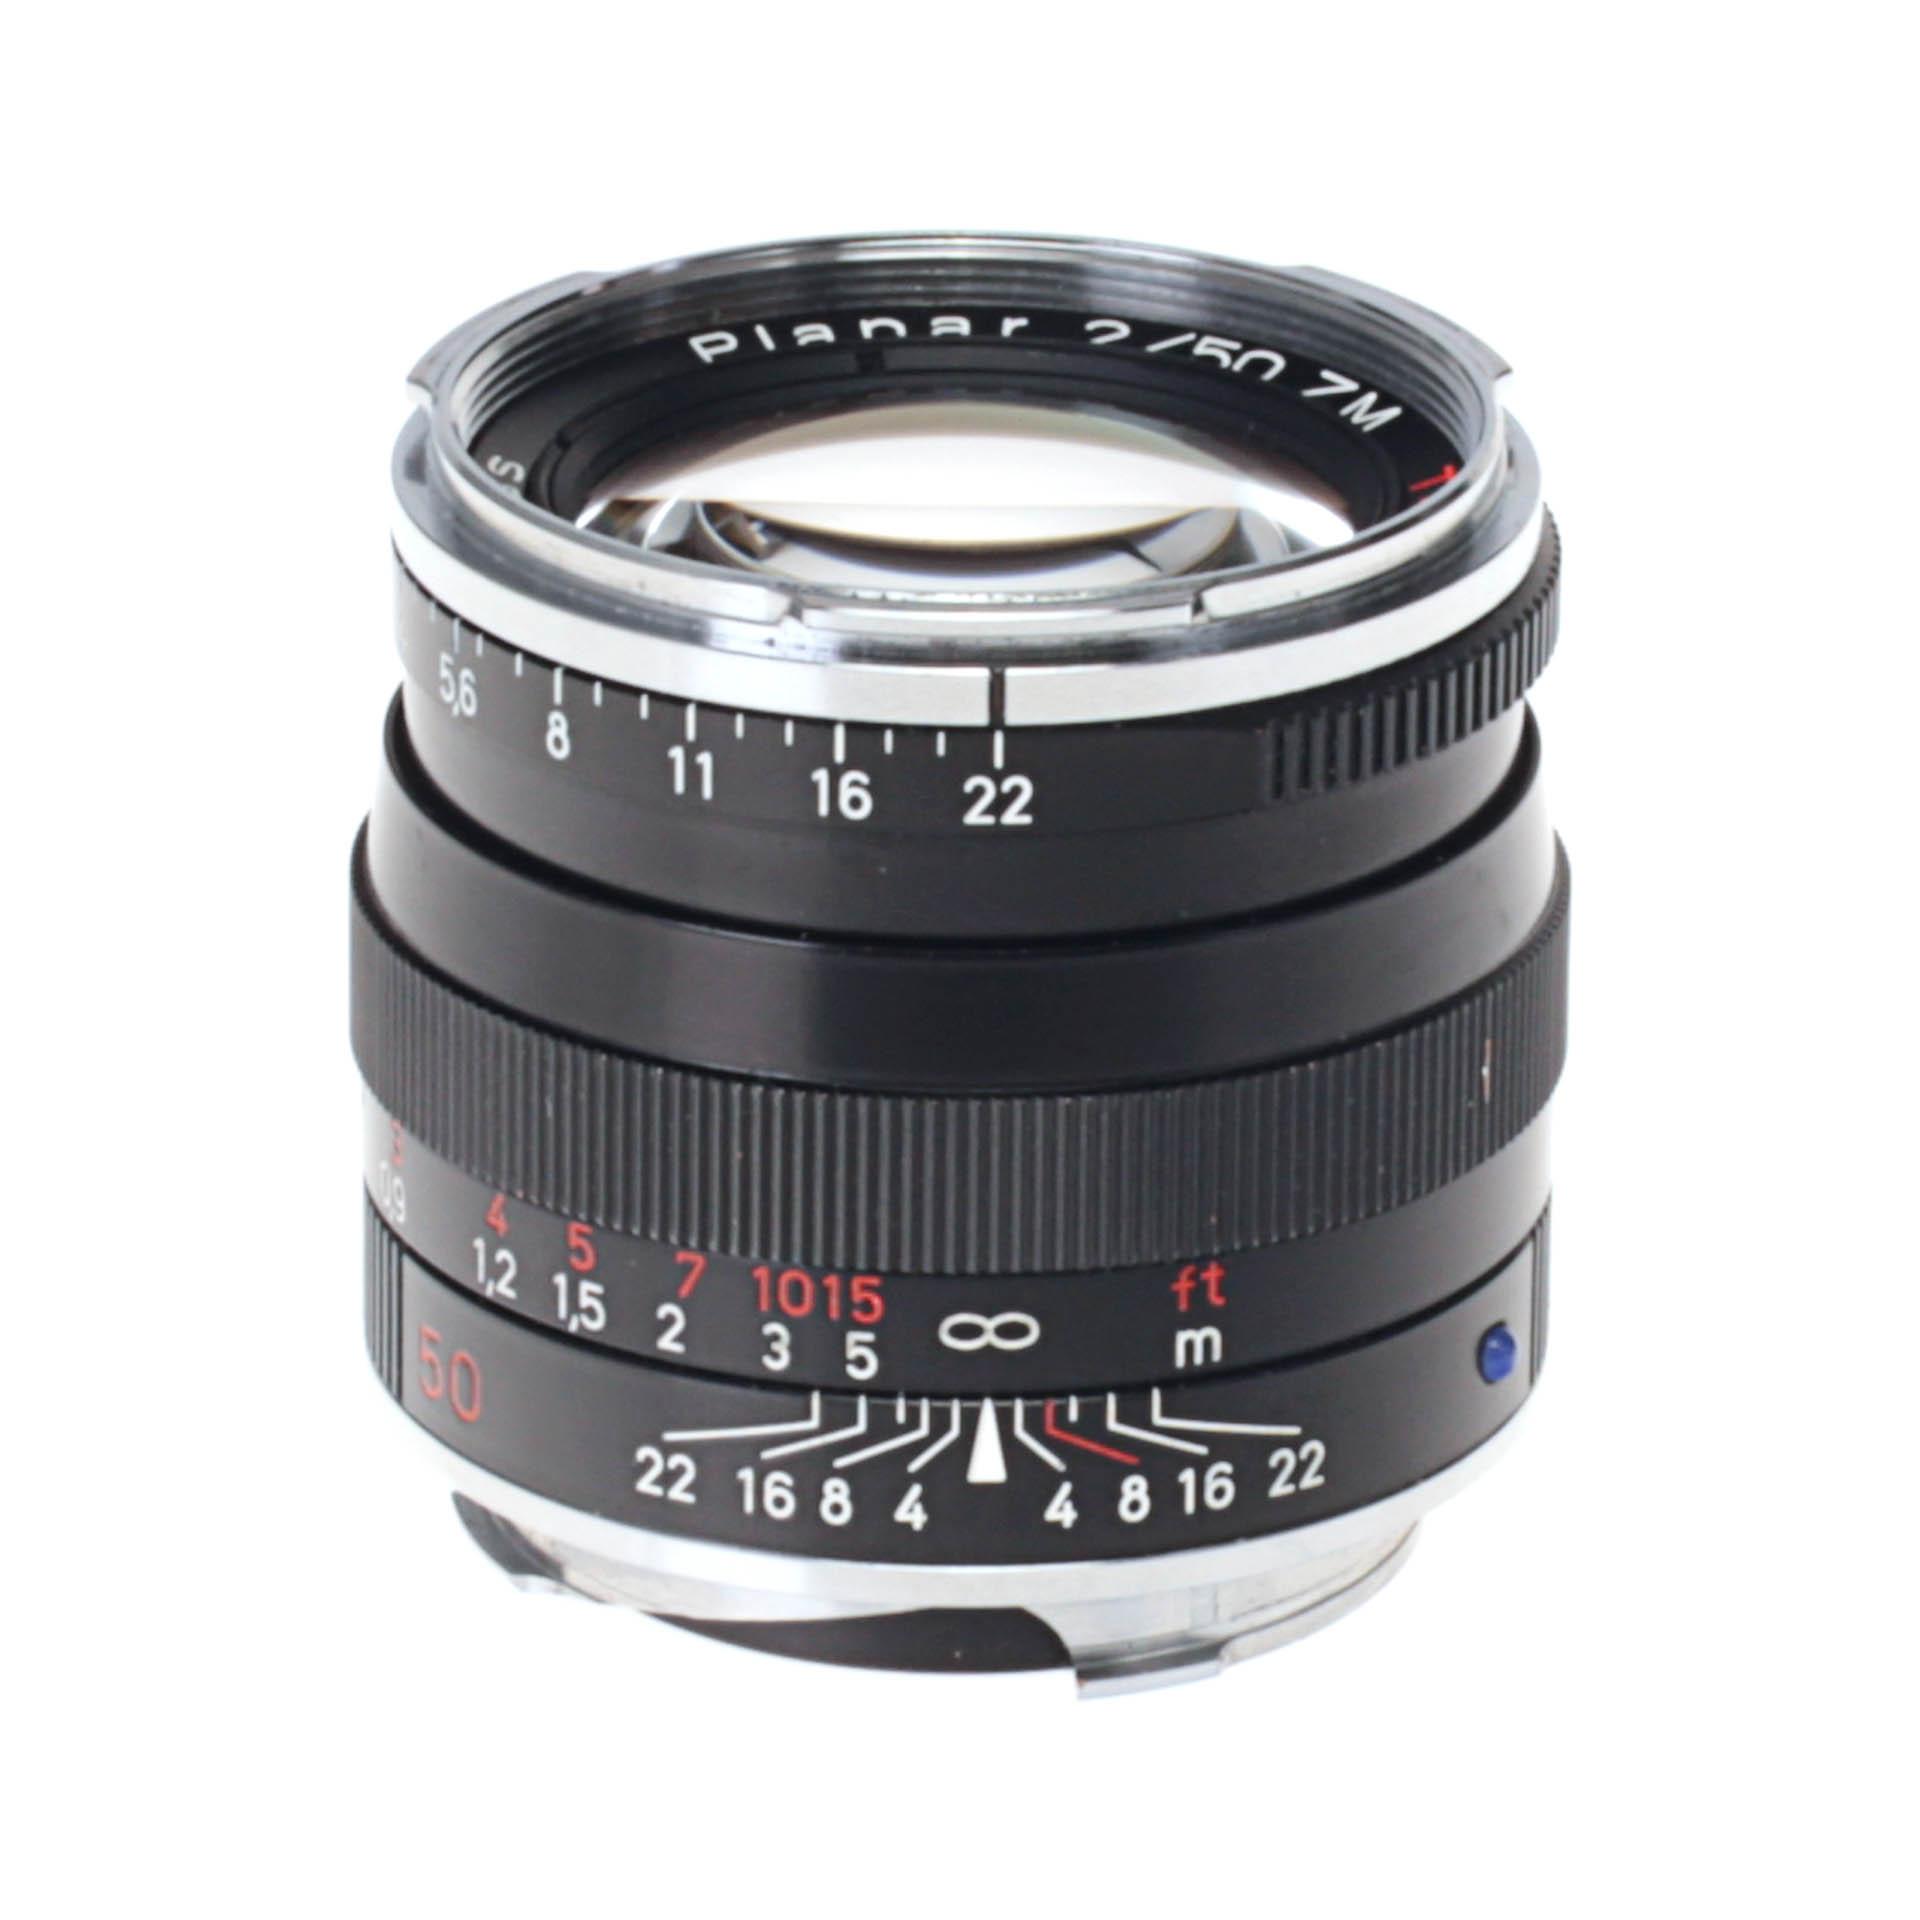 Buy LEICA/ZEISS 50MM F2 ZM 6BIT - National Camera Exchange